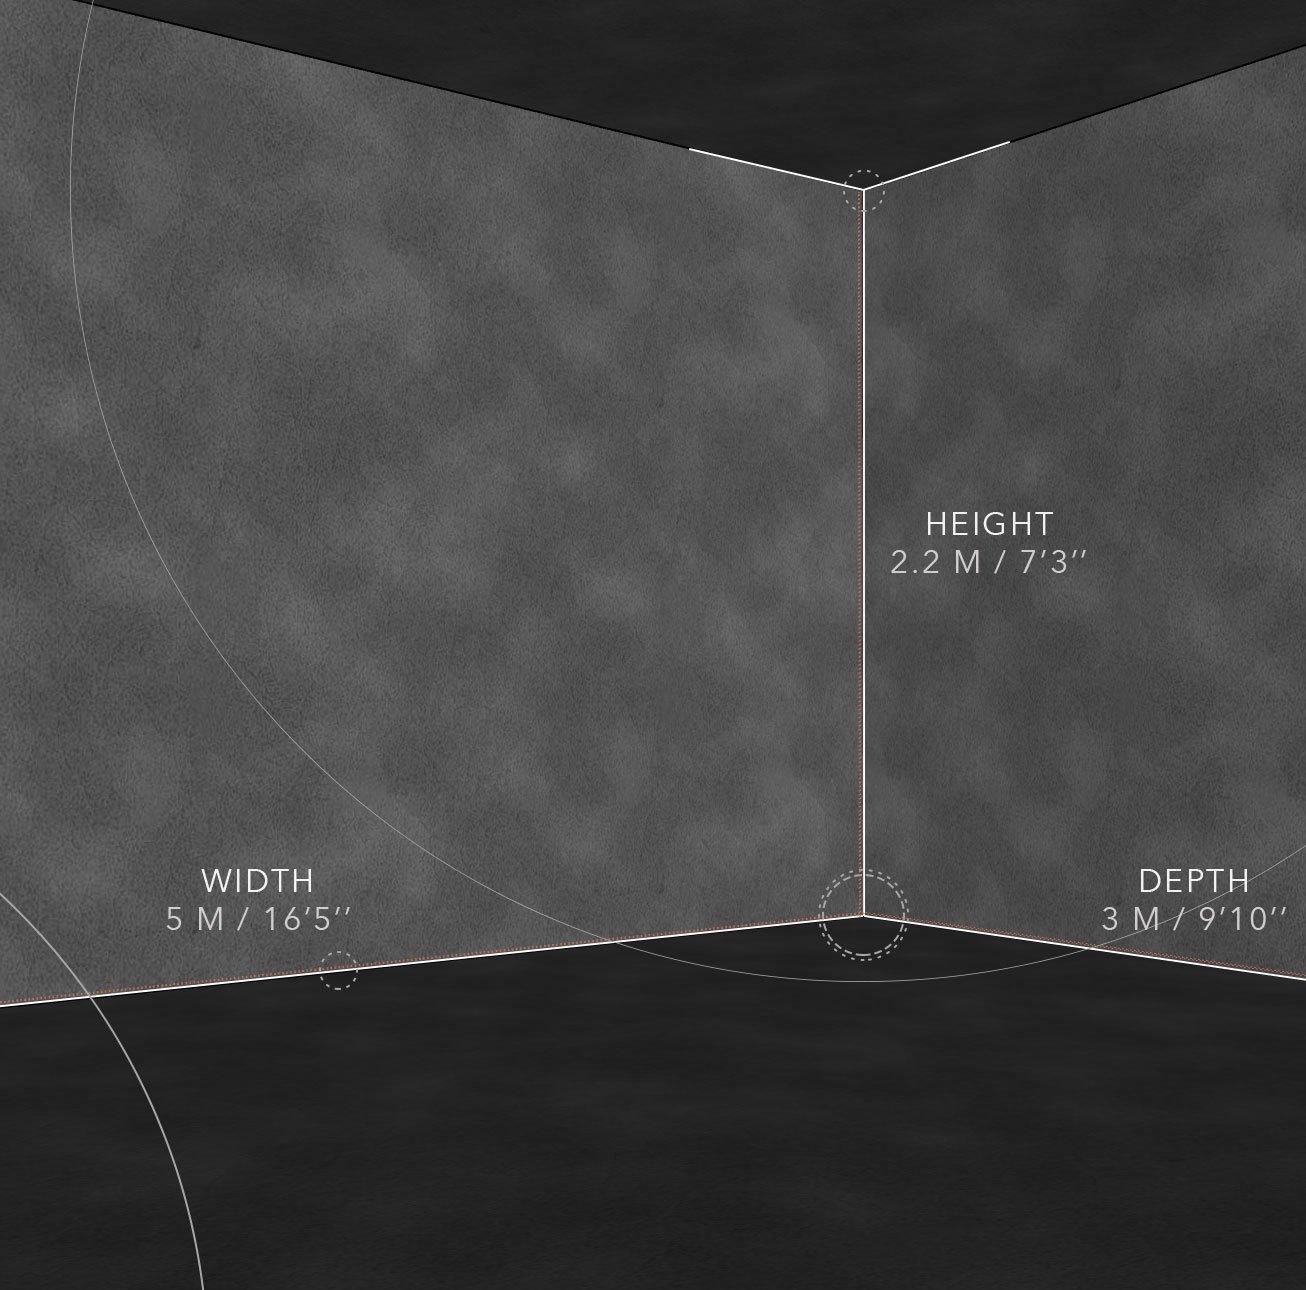 Simulateur ST-2 de tir Dimensions-PREMIUM PRO